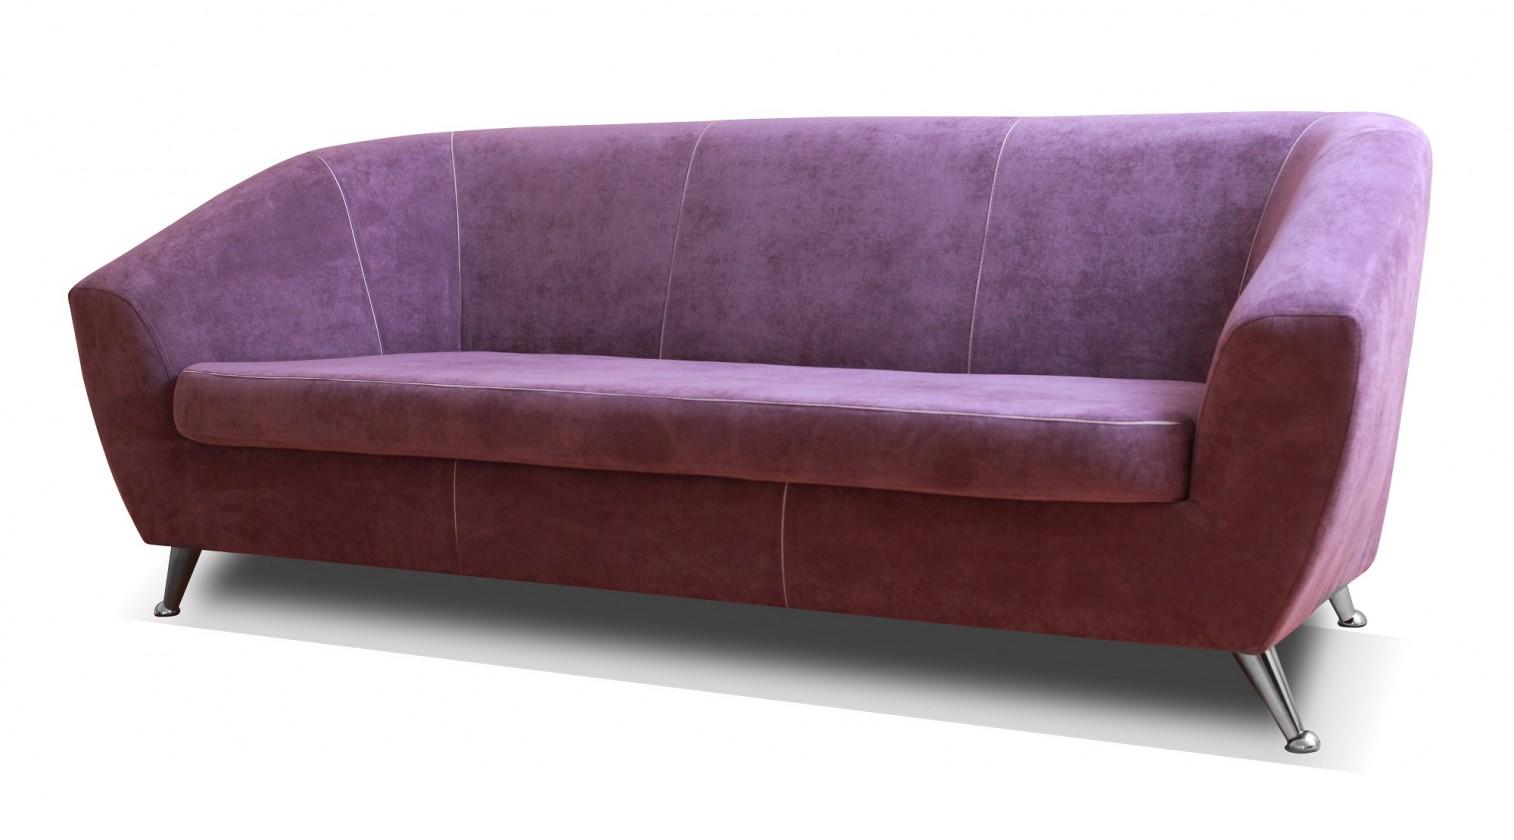 Zlevněné sedačky Trojsedák Lira fialová - Z EXPOZICE